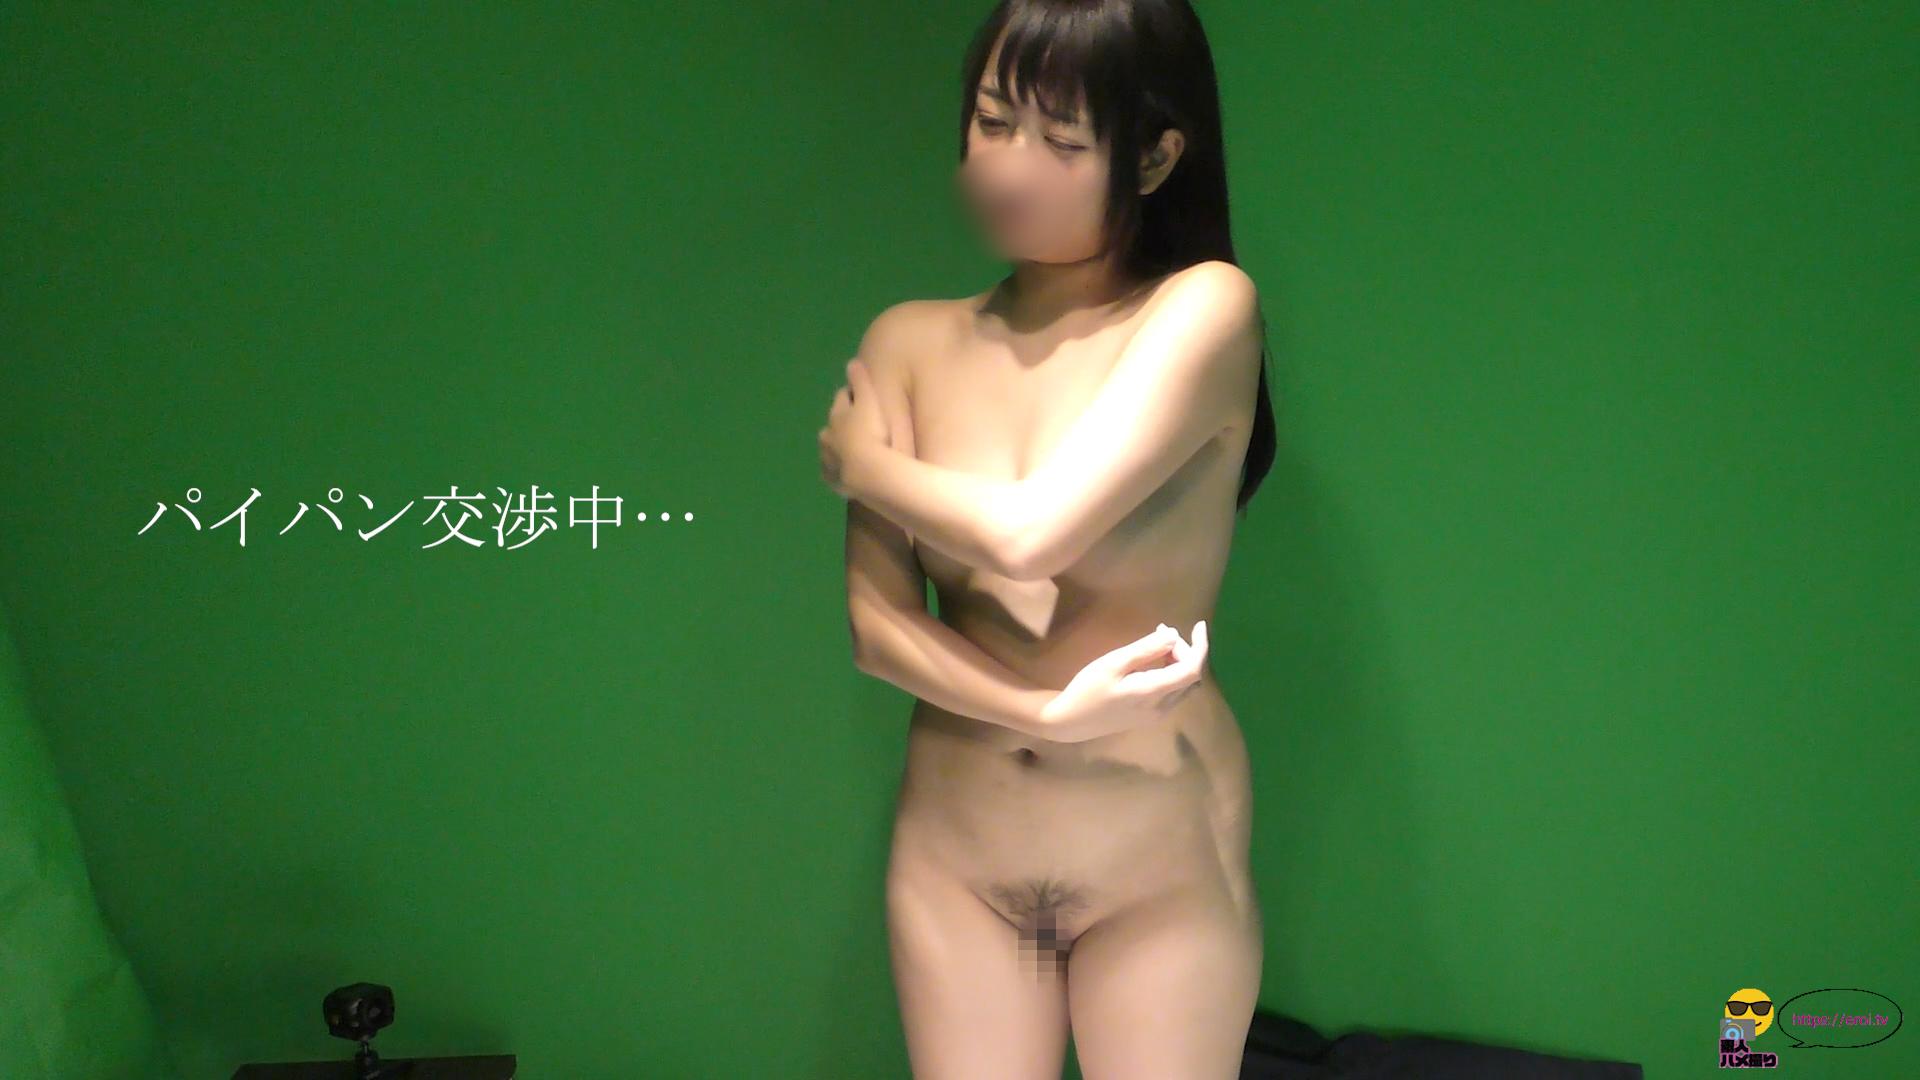 あん3P.00_00_00_00.静止画001.jpg